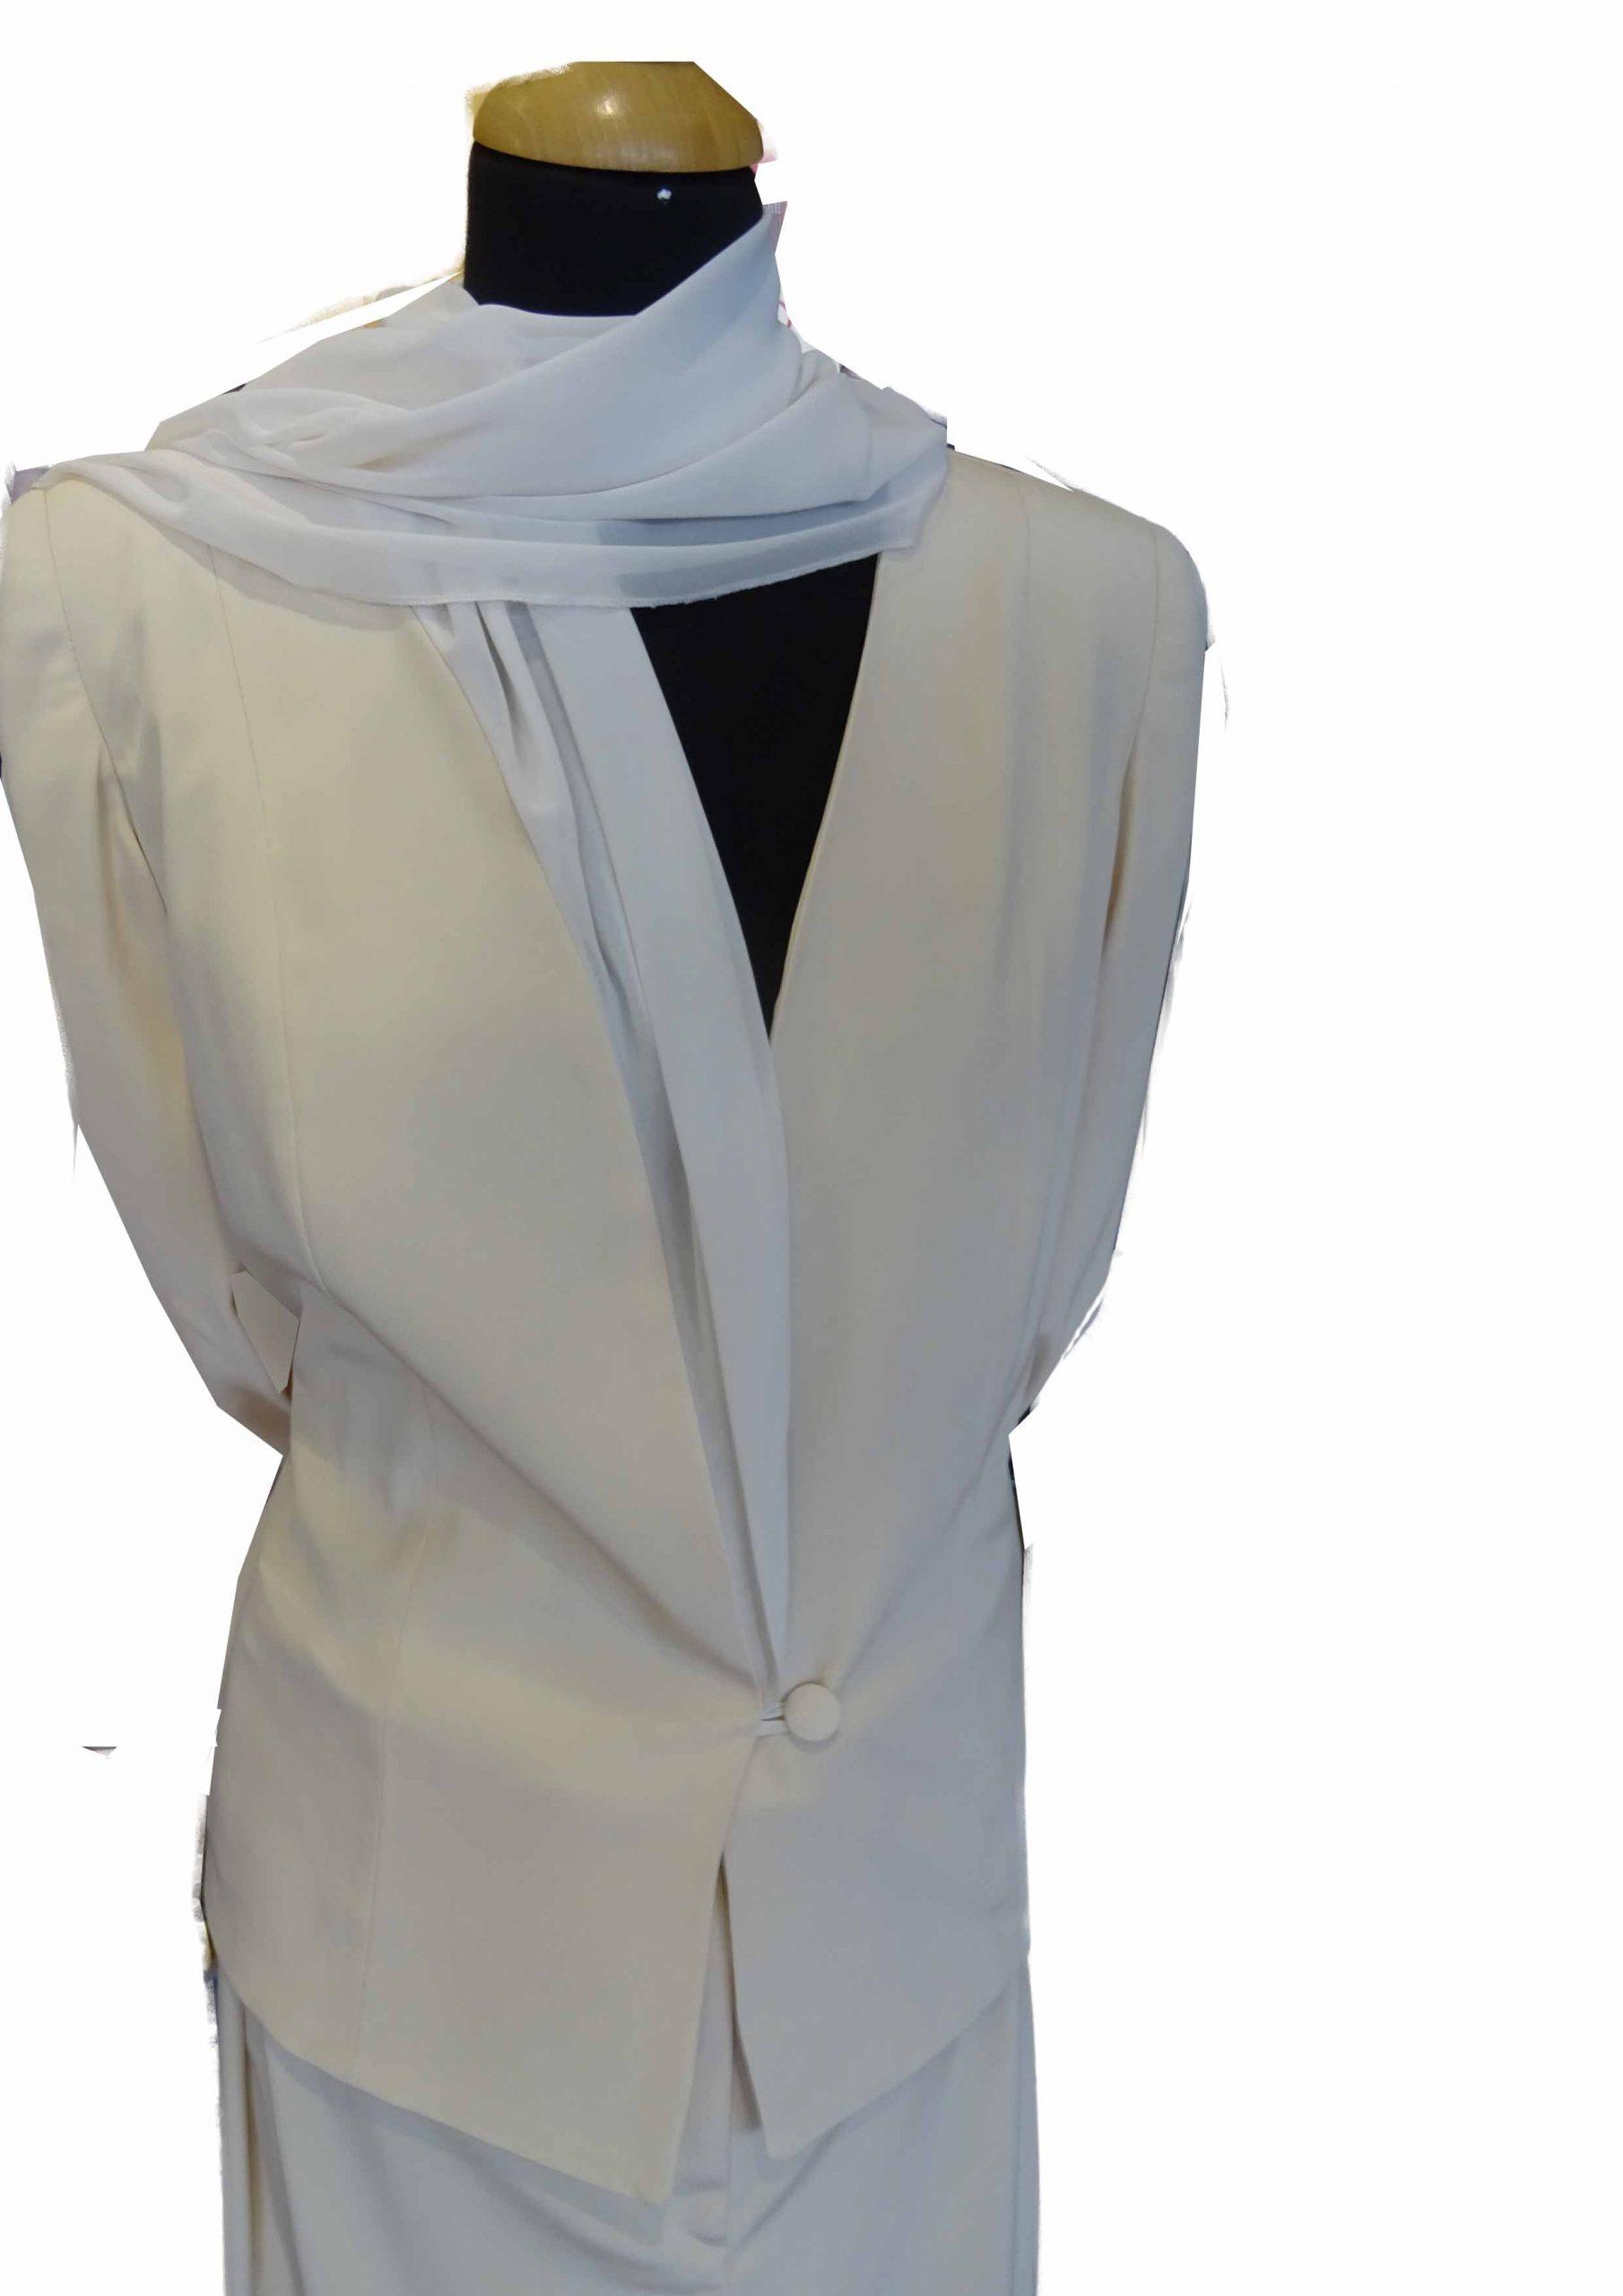 wit jasje en pantalon om in te trouwen